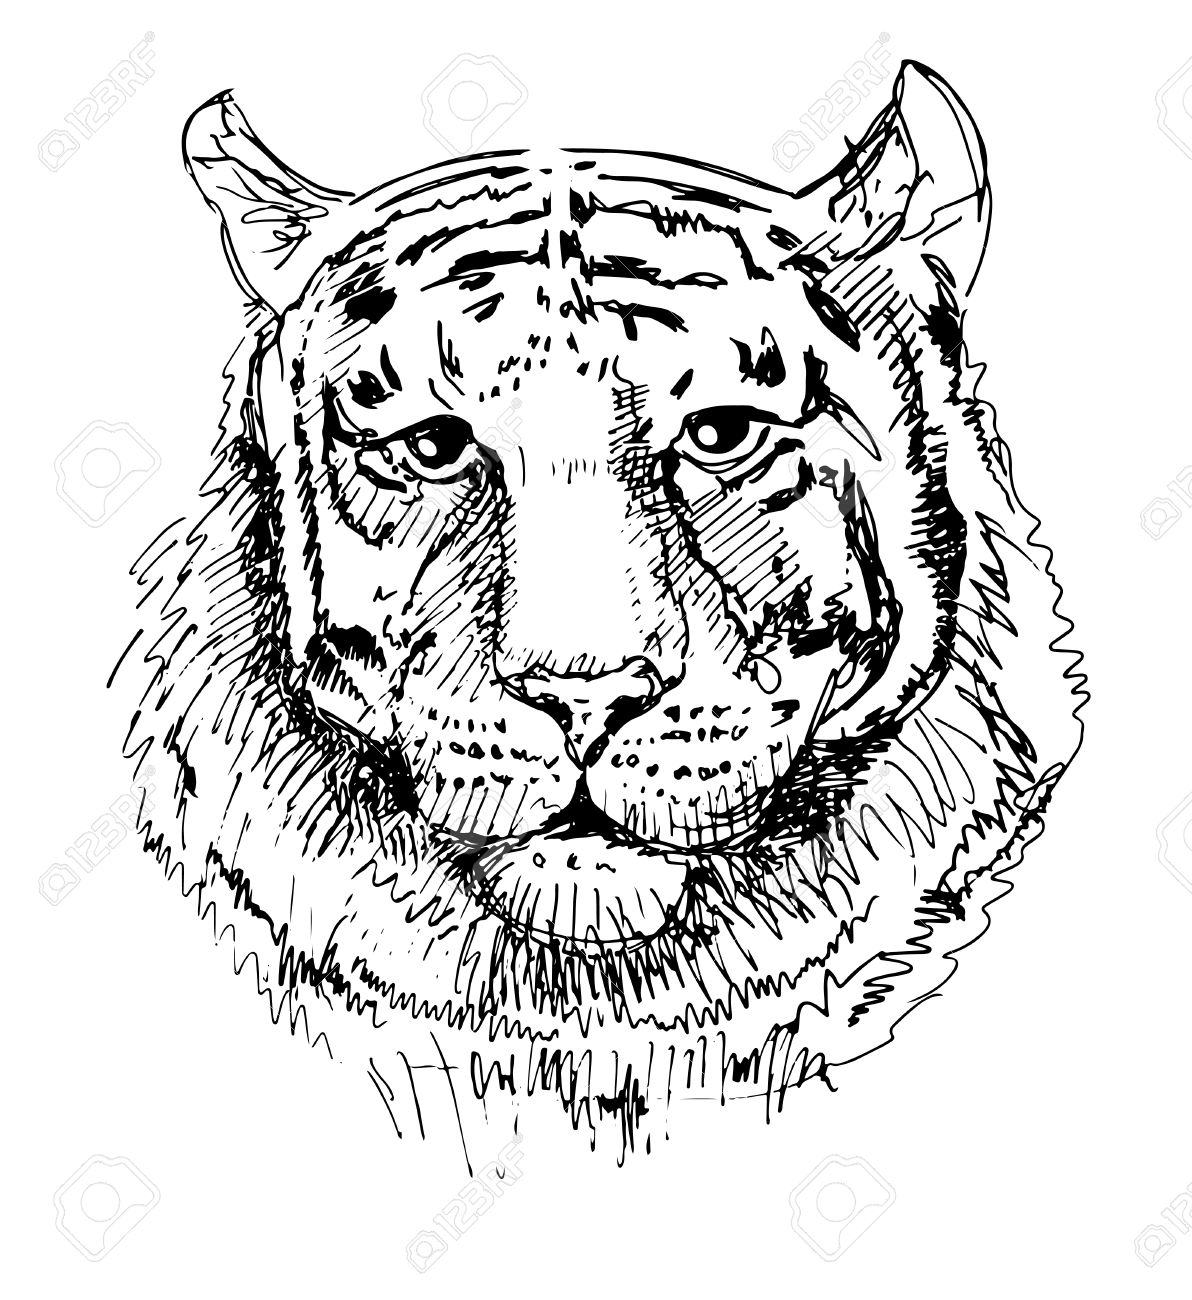 Motifs Tigre Croquis Dessin En Noir Et Blanc Isolé Sur Fond Blanc